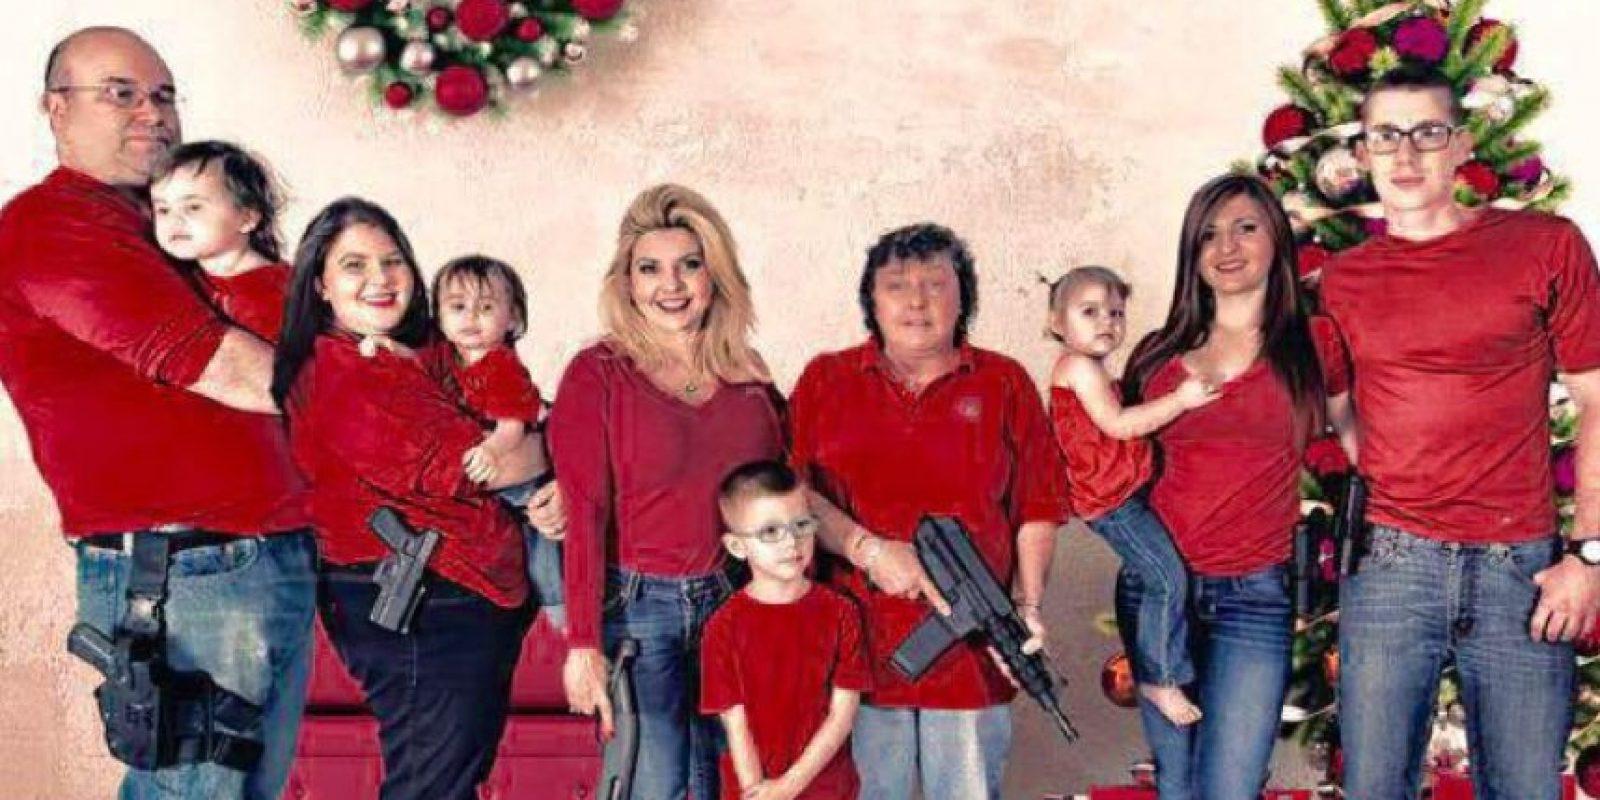 La republicana tiene 45 años y el 1 de diciembre publicó esta postal navideña. Foto:Vía Facebook.com/MicheleFiore2012